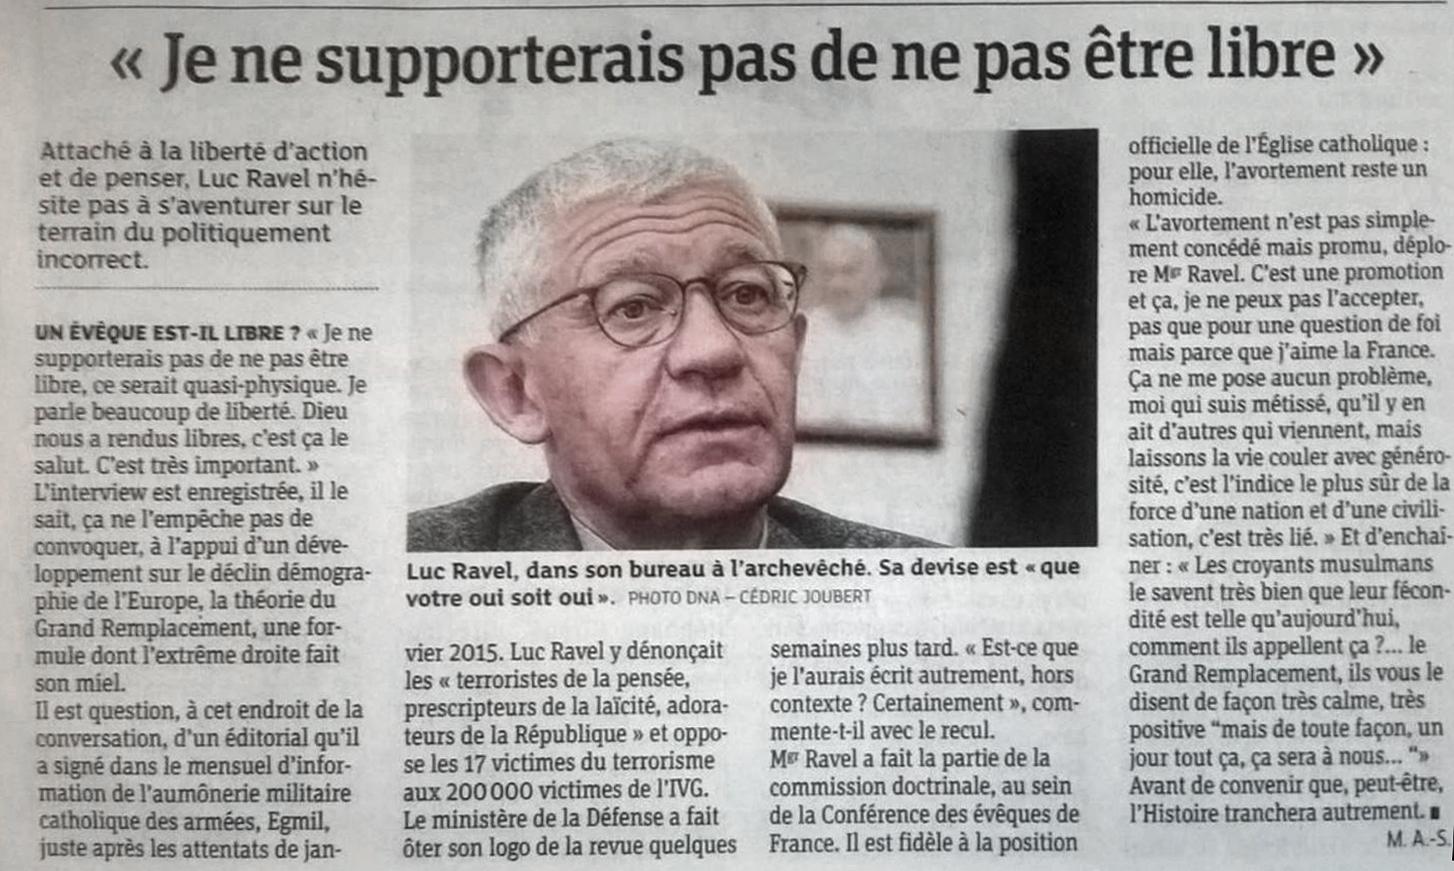 Mgr Luc Ravel, archevêque de Strasbourg, dénonce «le Grand remplacement» lié aux avortements